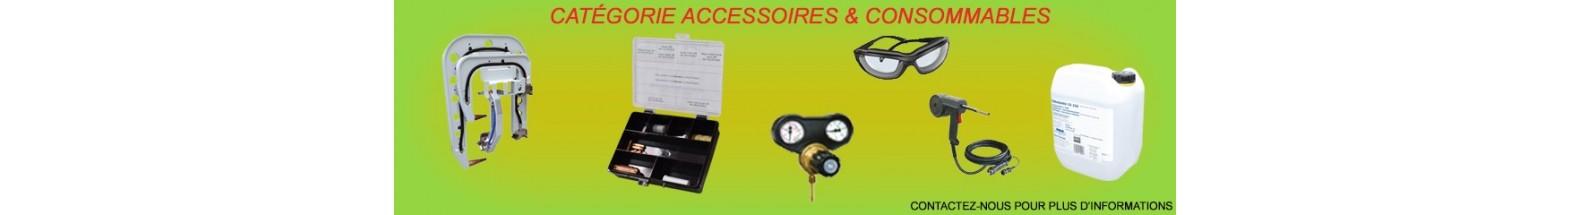 Accessoires et consommables soudage